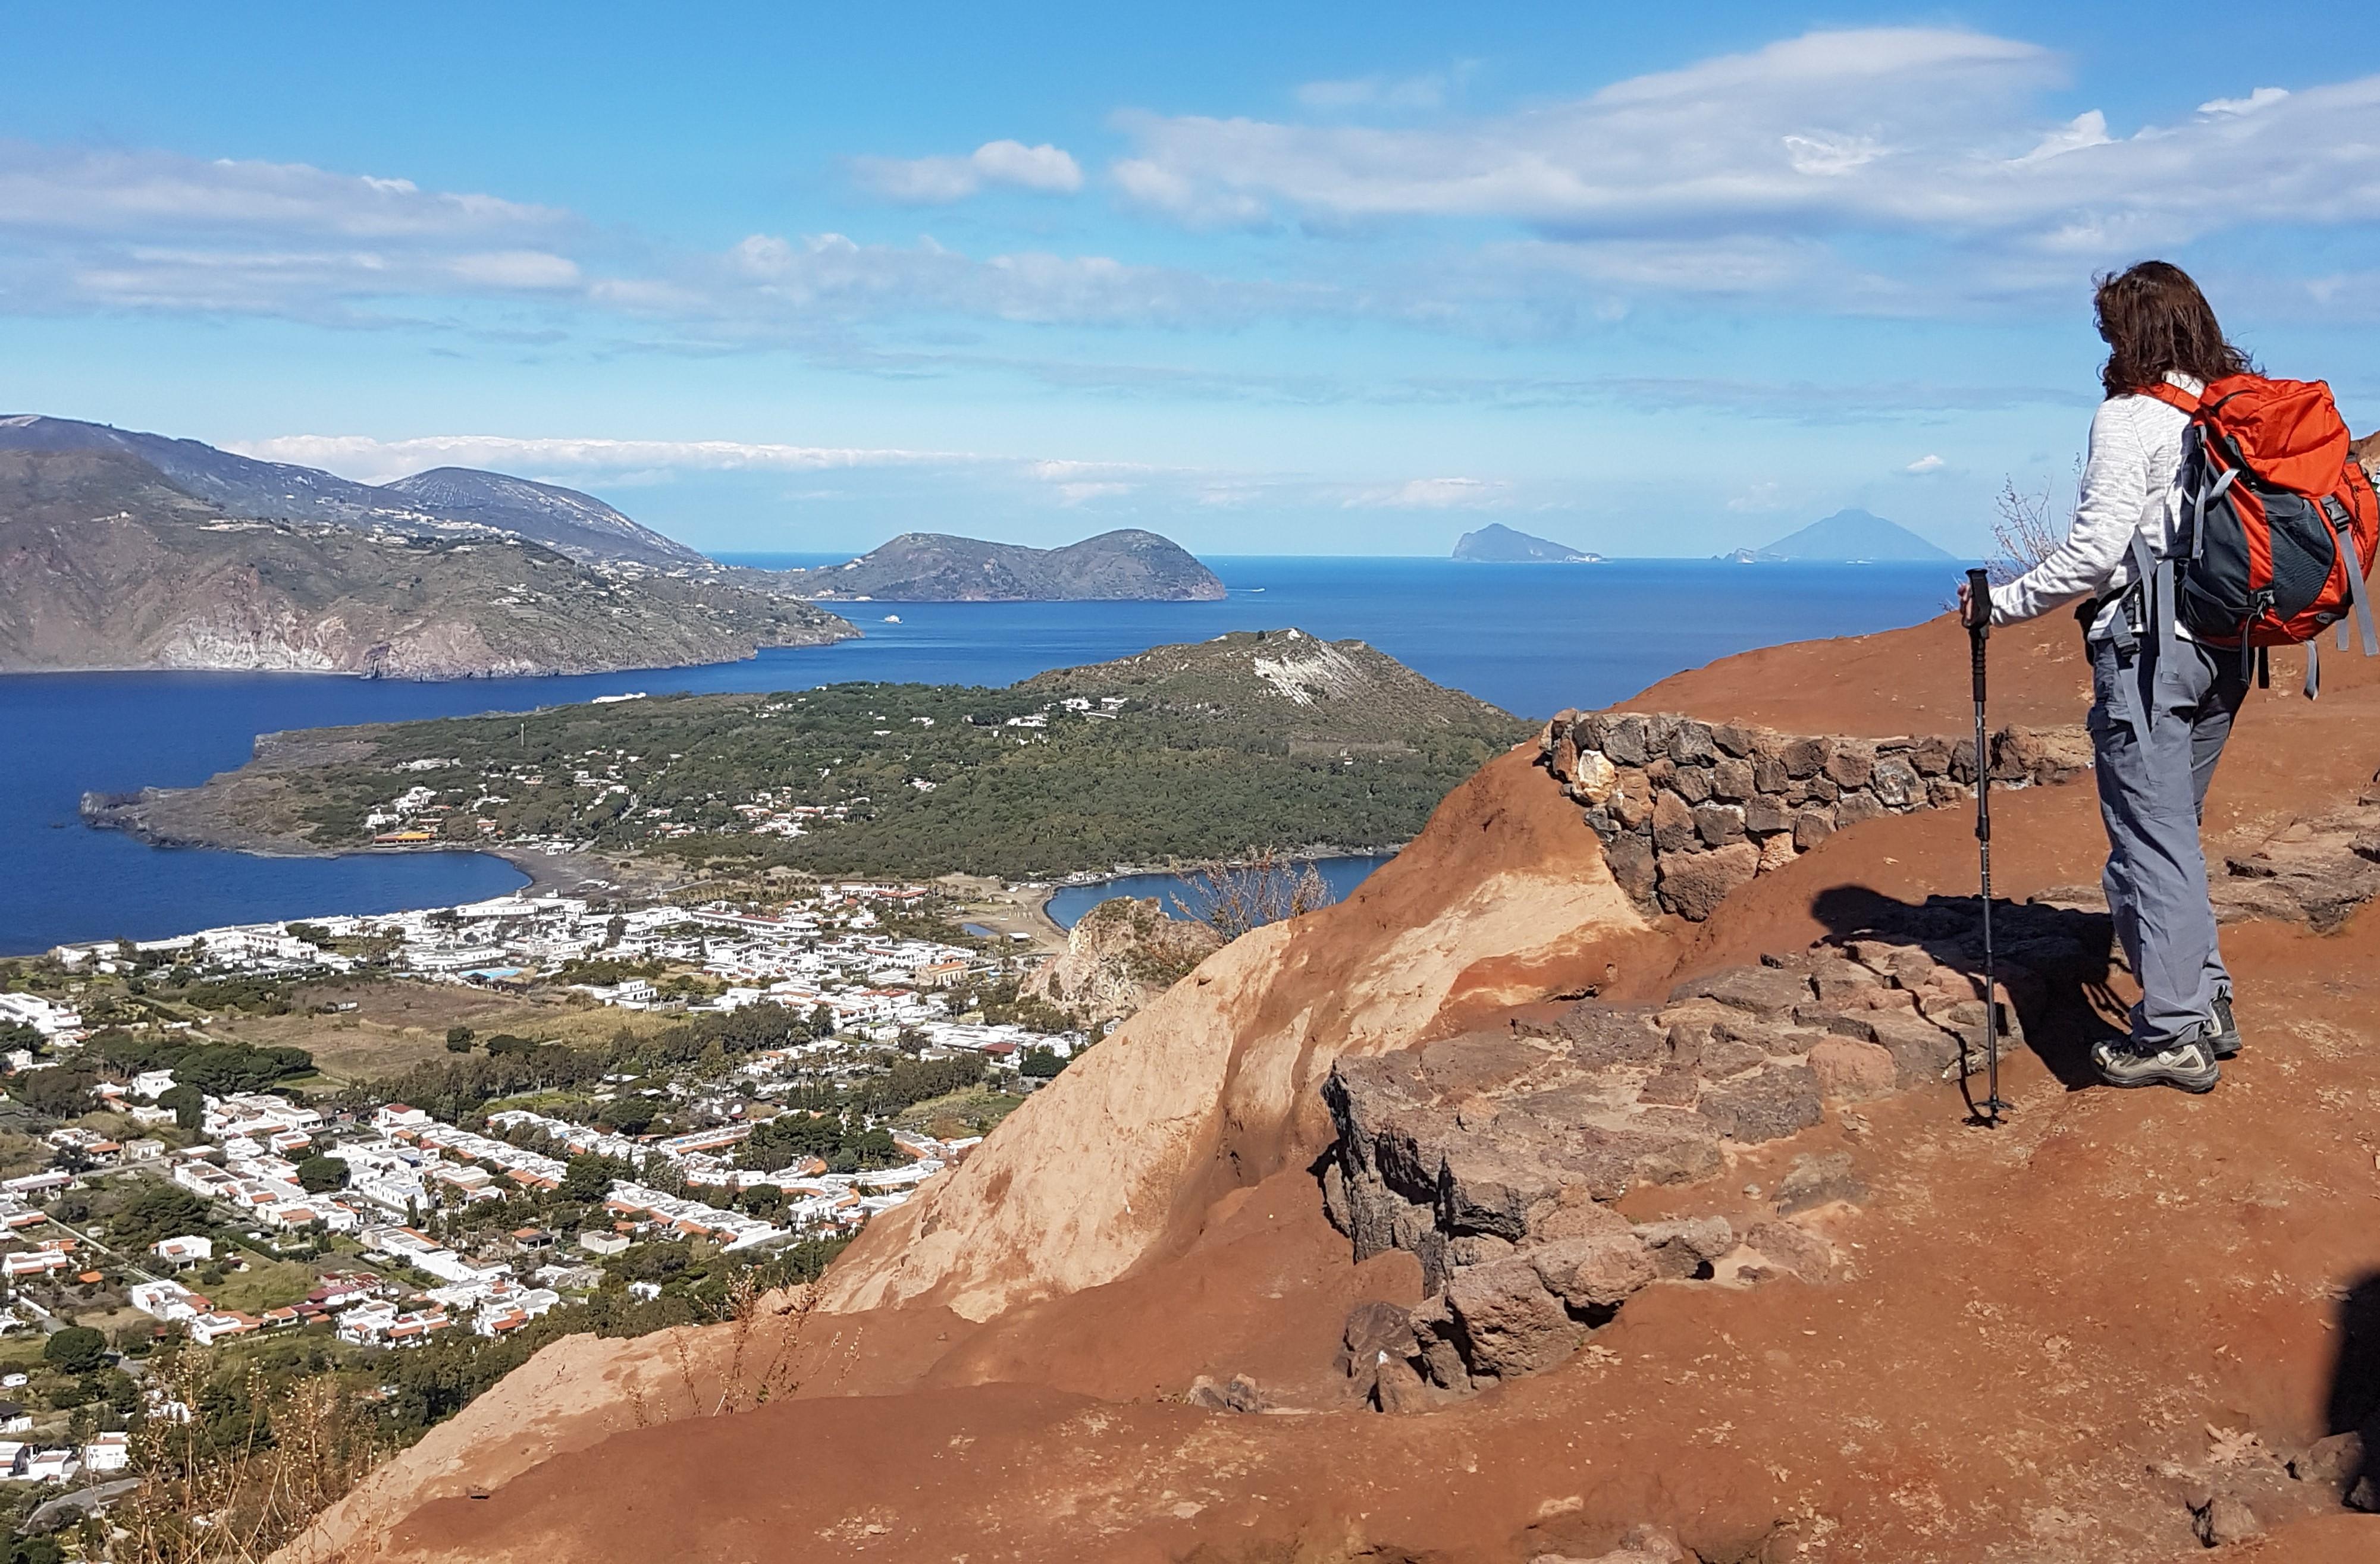 Les volcans des Iles Eoliennes